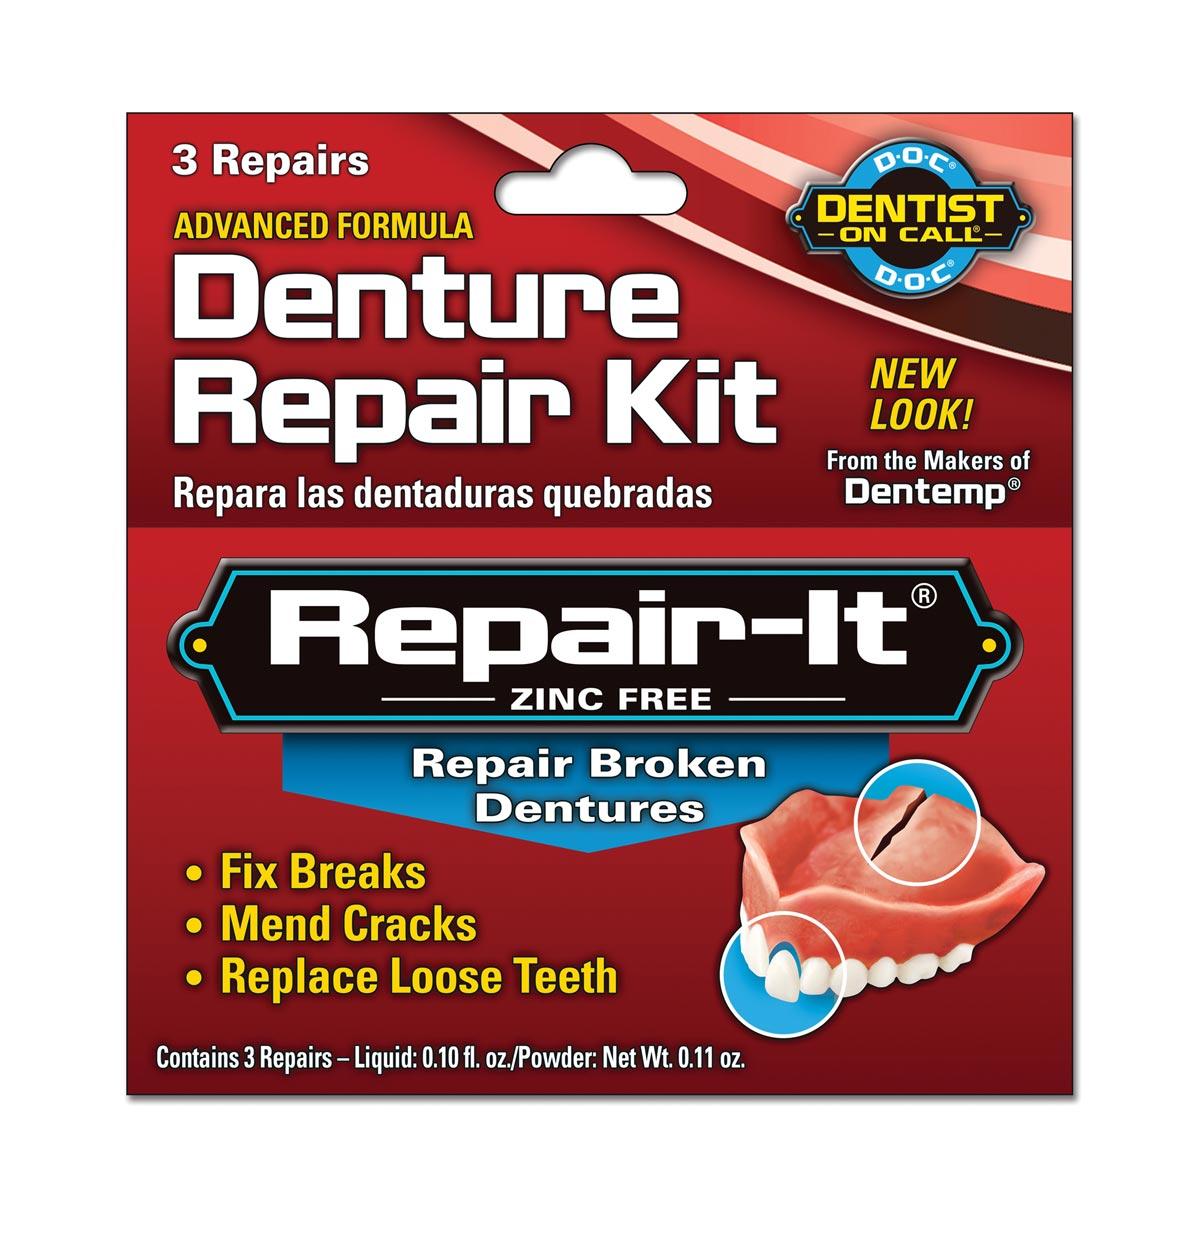 Repair-It Denture Repairs, 3 Repairs